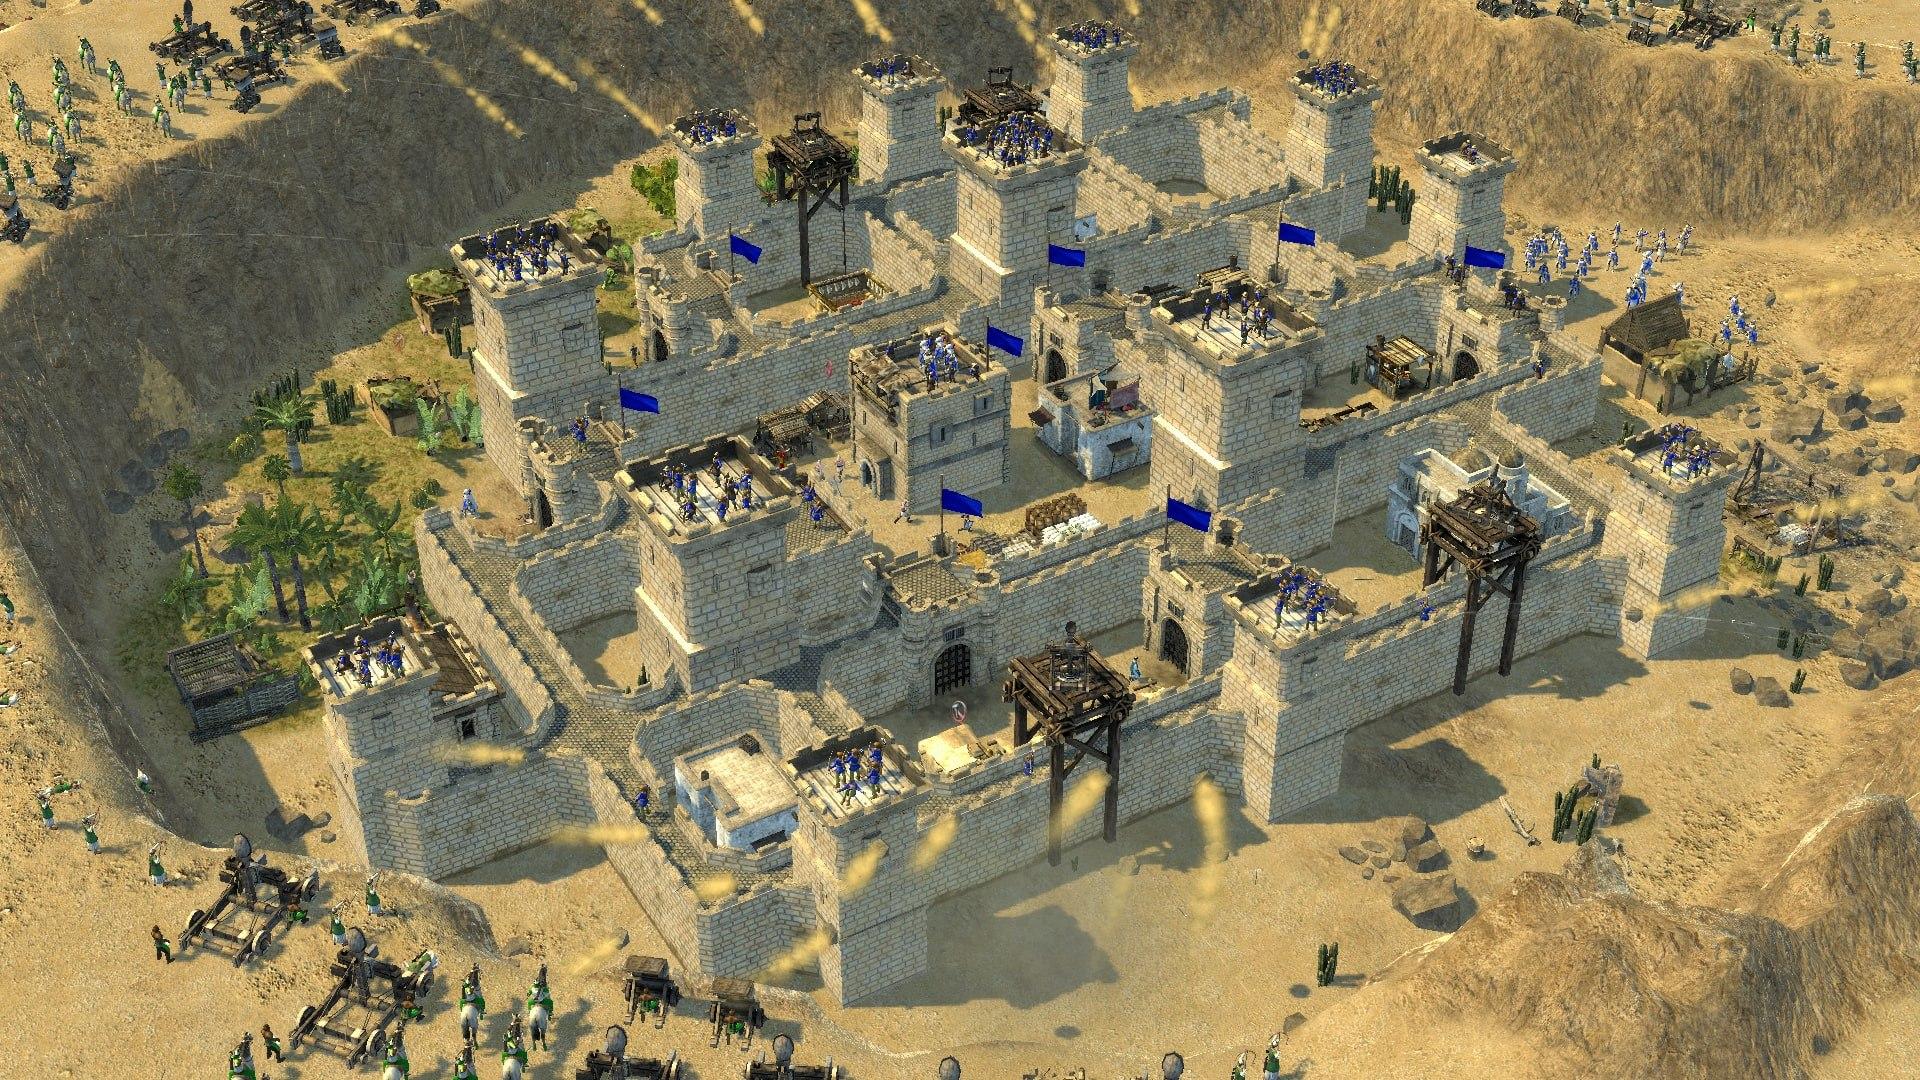 سی دی کی اریجینال استیم بازی Stronghold: Crusader 2 - Special Edition